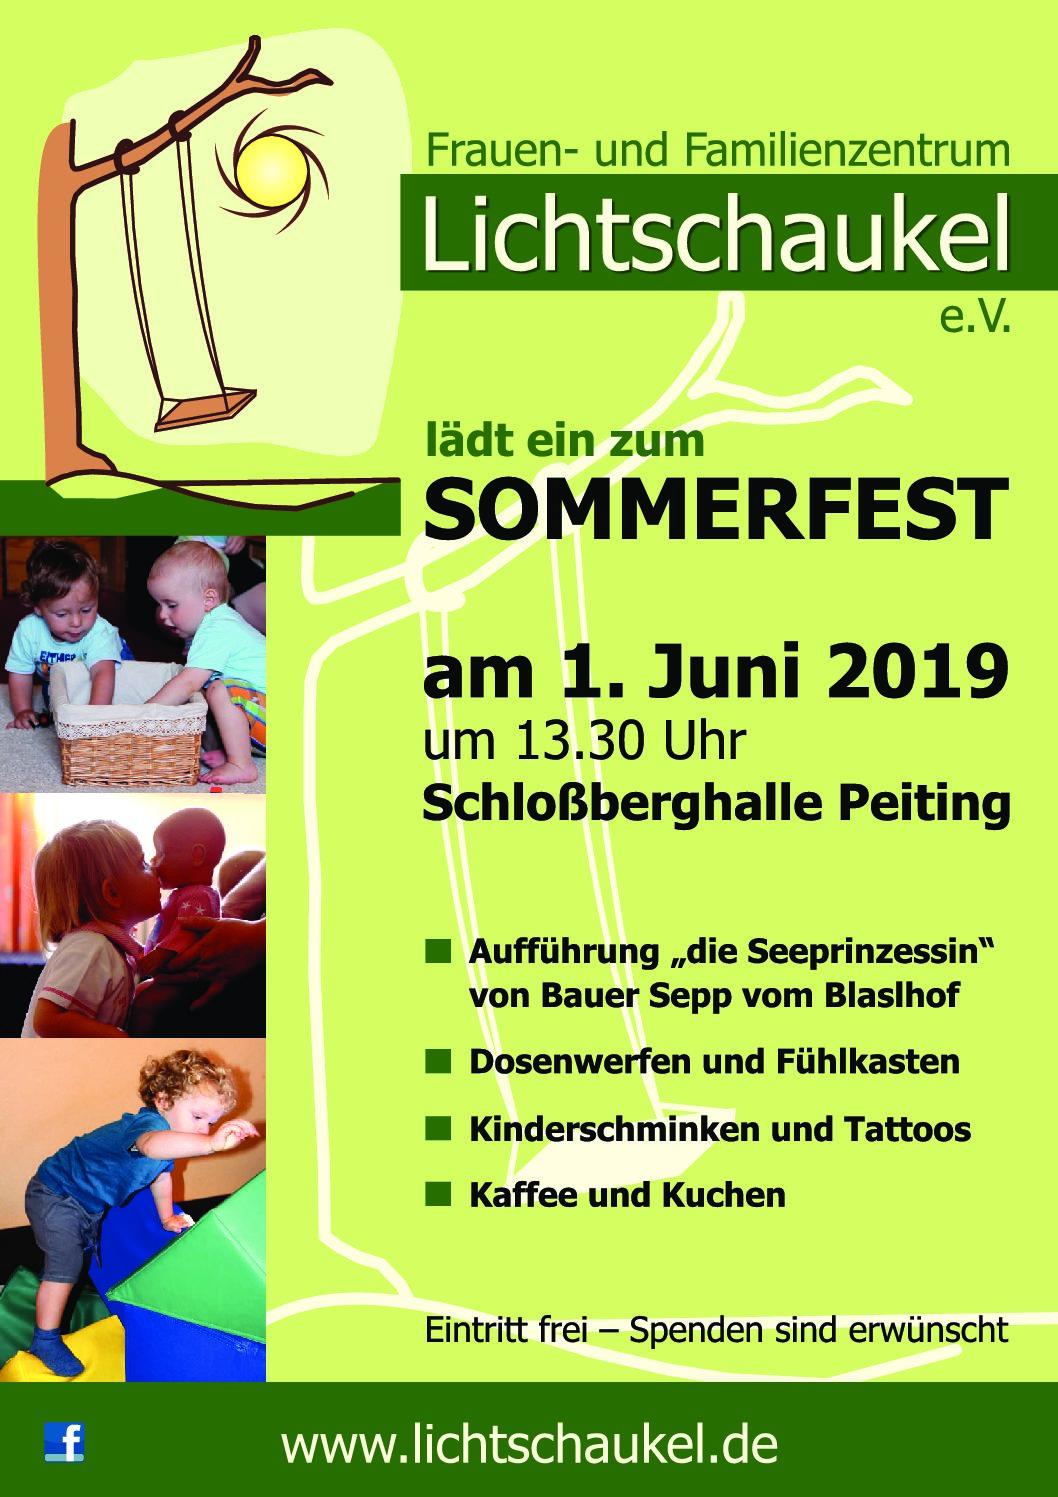 Sommerfest am 01.06.2019